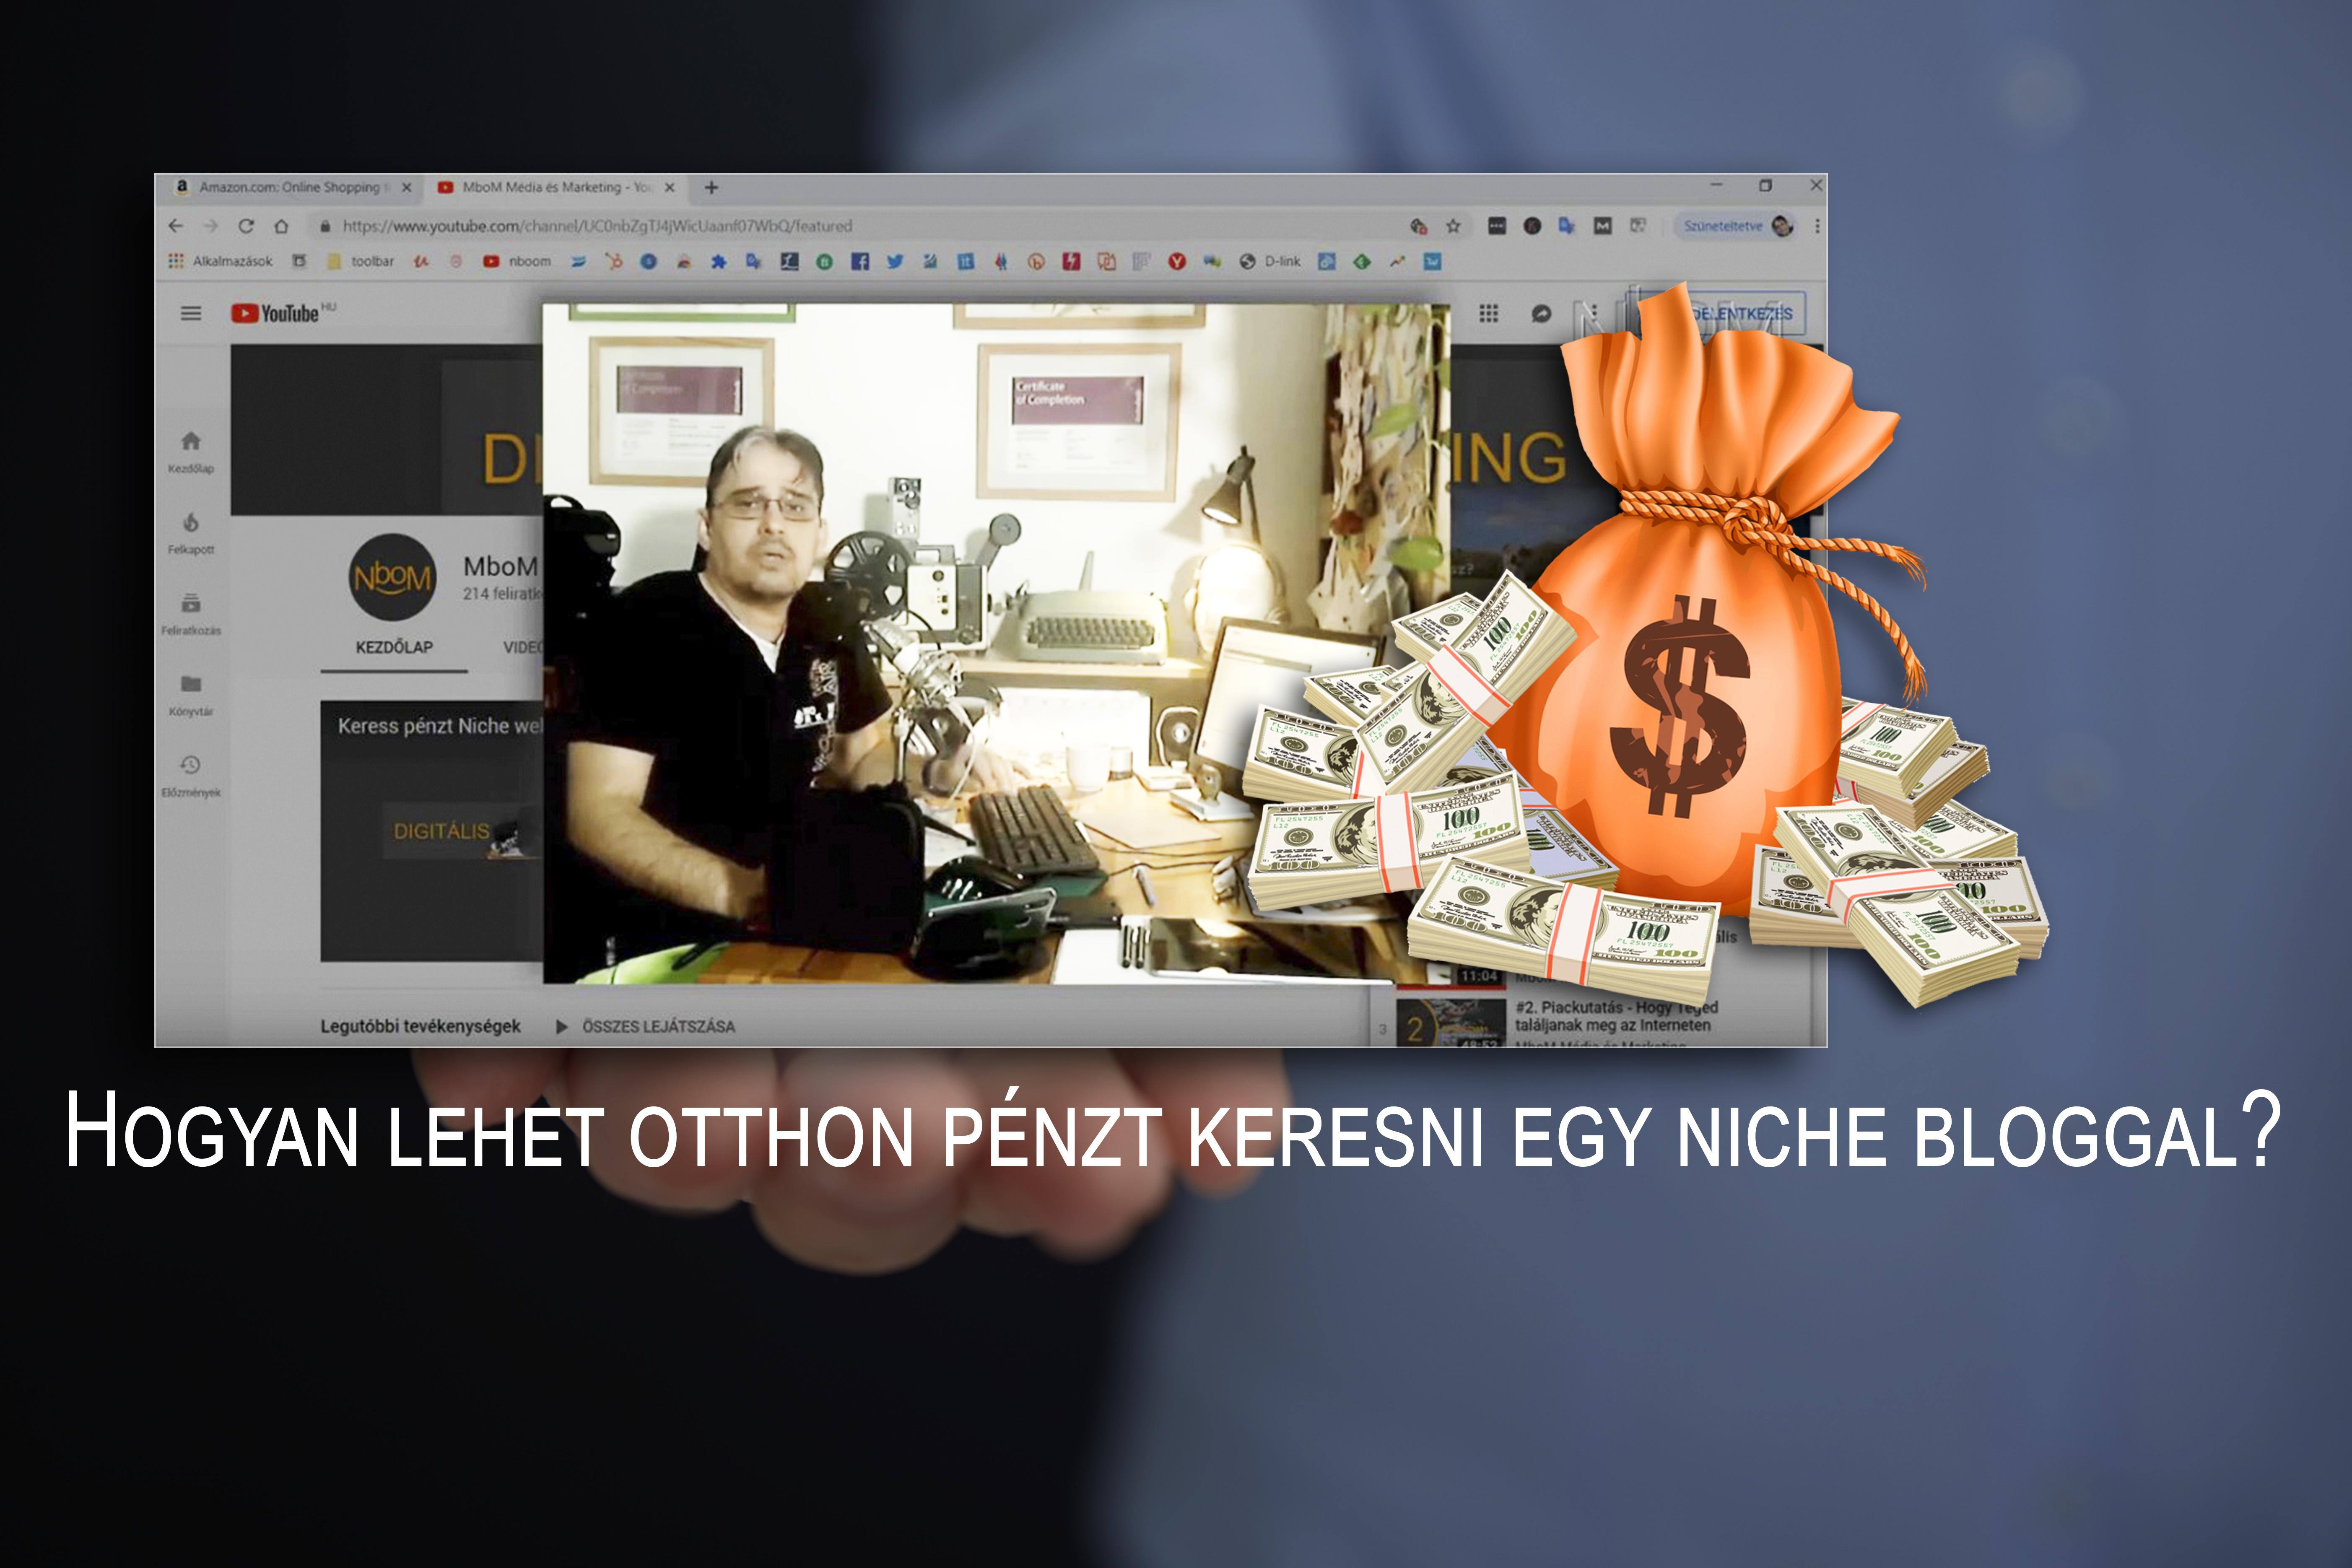 hogyan lehet pénzt keresni a weboldalon